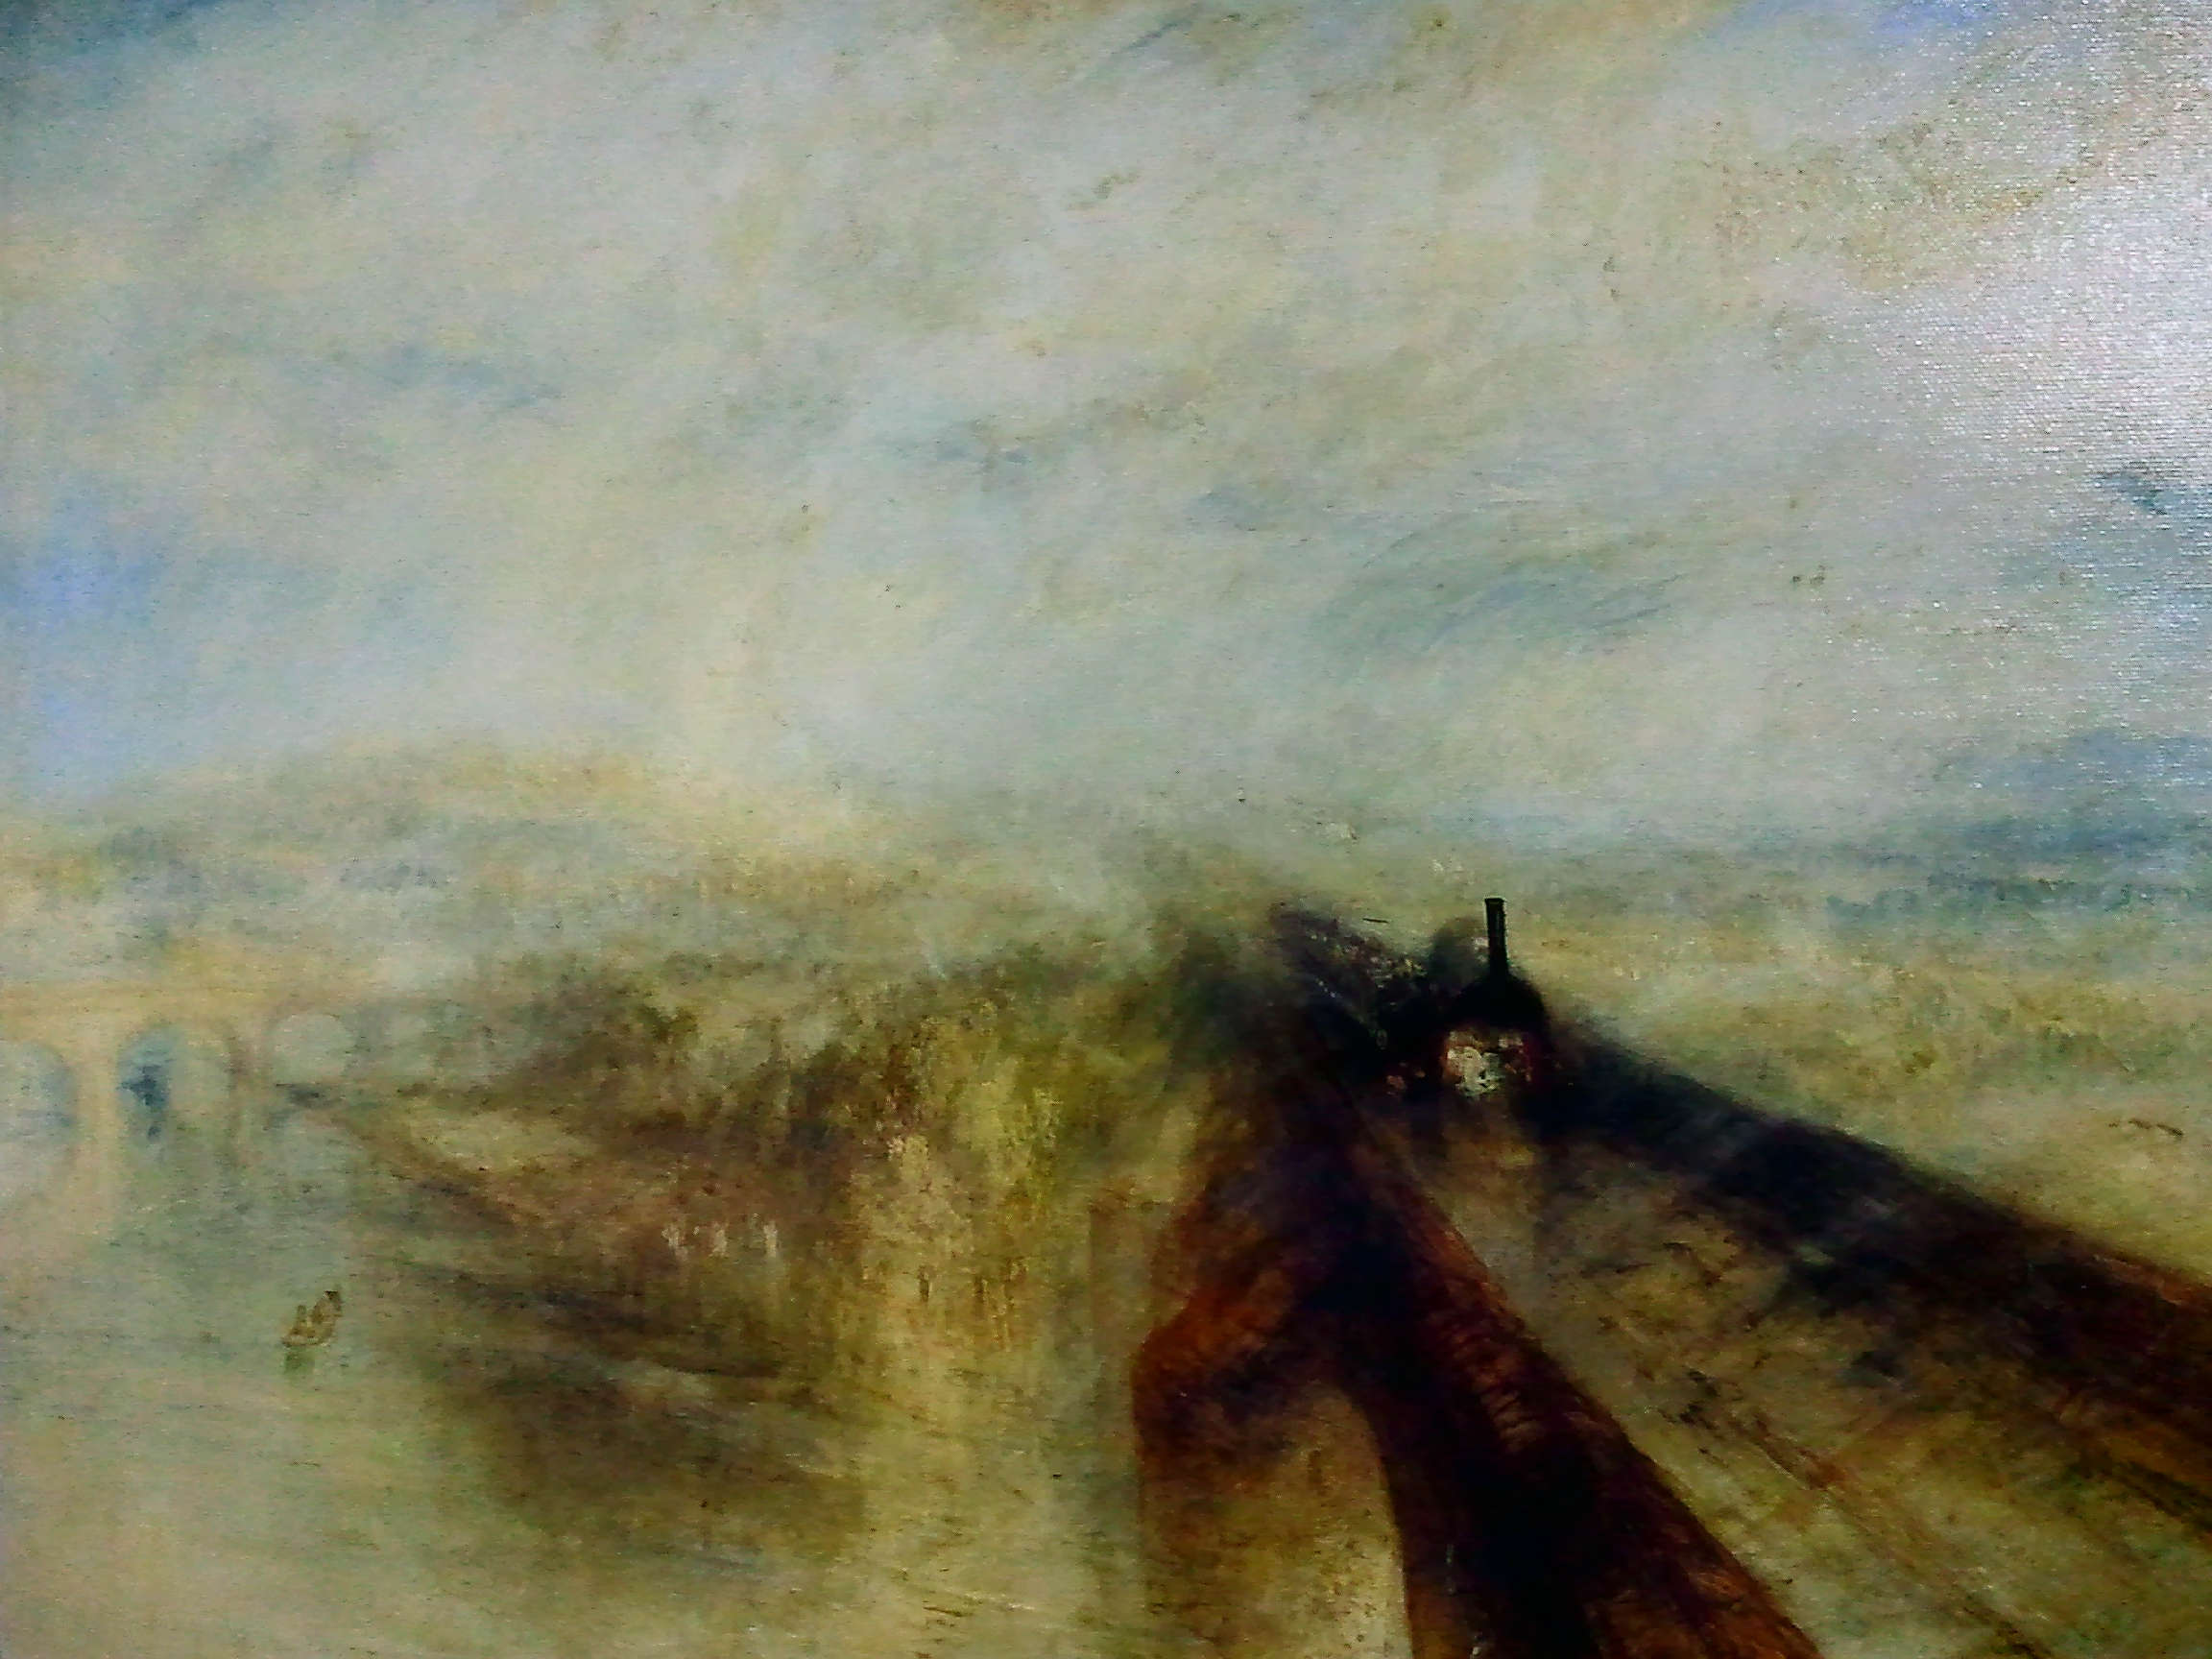 ウィリアム・ターナー 雨、蒸気、スピード-グレート・ウェスタン鉄道 アクリル外し